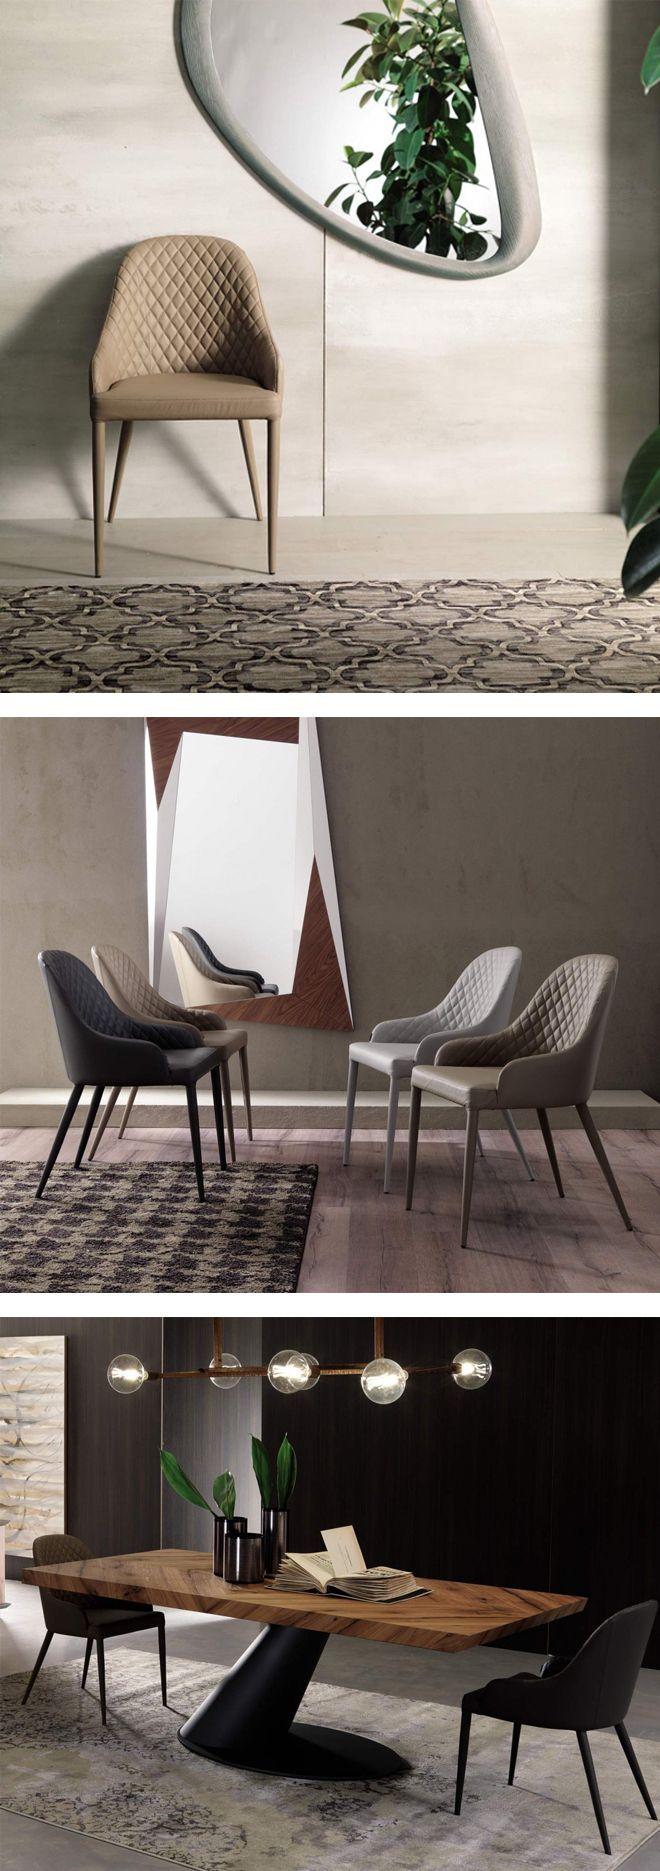 Der Ozzio Lederstuhl Betta ist besonders weich und bequem.   #Stuhl #chair #Esszimmer #Küche #kitchen #diningroom #Ozzio #Livarea #comfy #leder #Designstuhl #Lederstuhl #modern #zeitlos #einrichten #home #wohnen #interiordesign #interiordecorating #inspiration #Einrichtungsstil #Einrichtungsideen #wohntrend #Trend #wohnideen